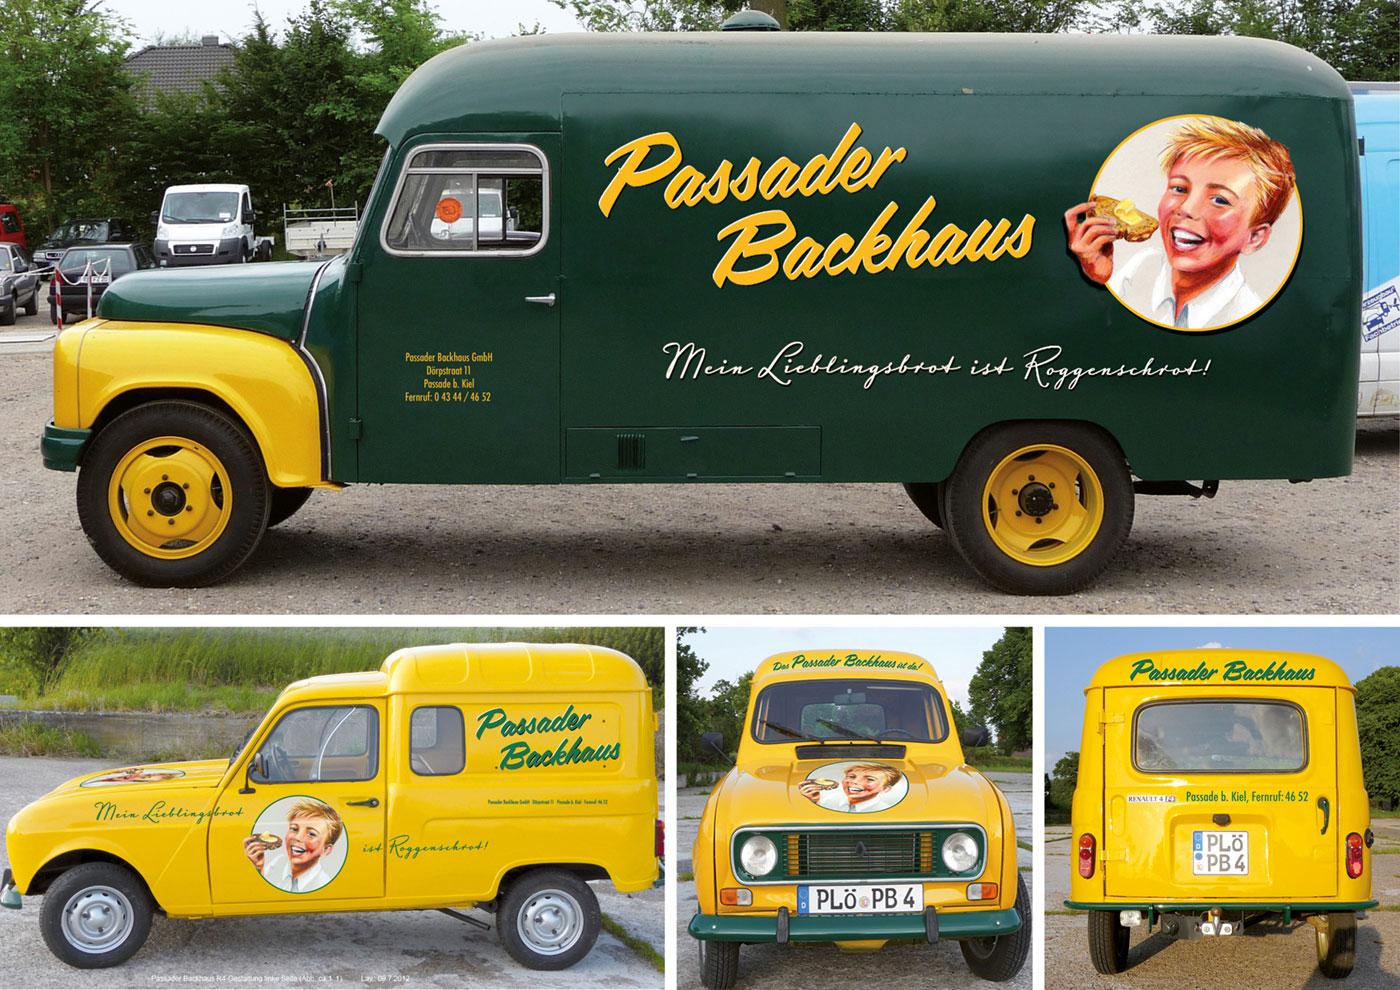 Markenführung für die Biobäckerei Passaader Backhaus: Fahrzeugbranding